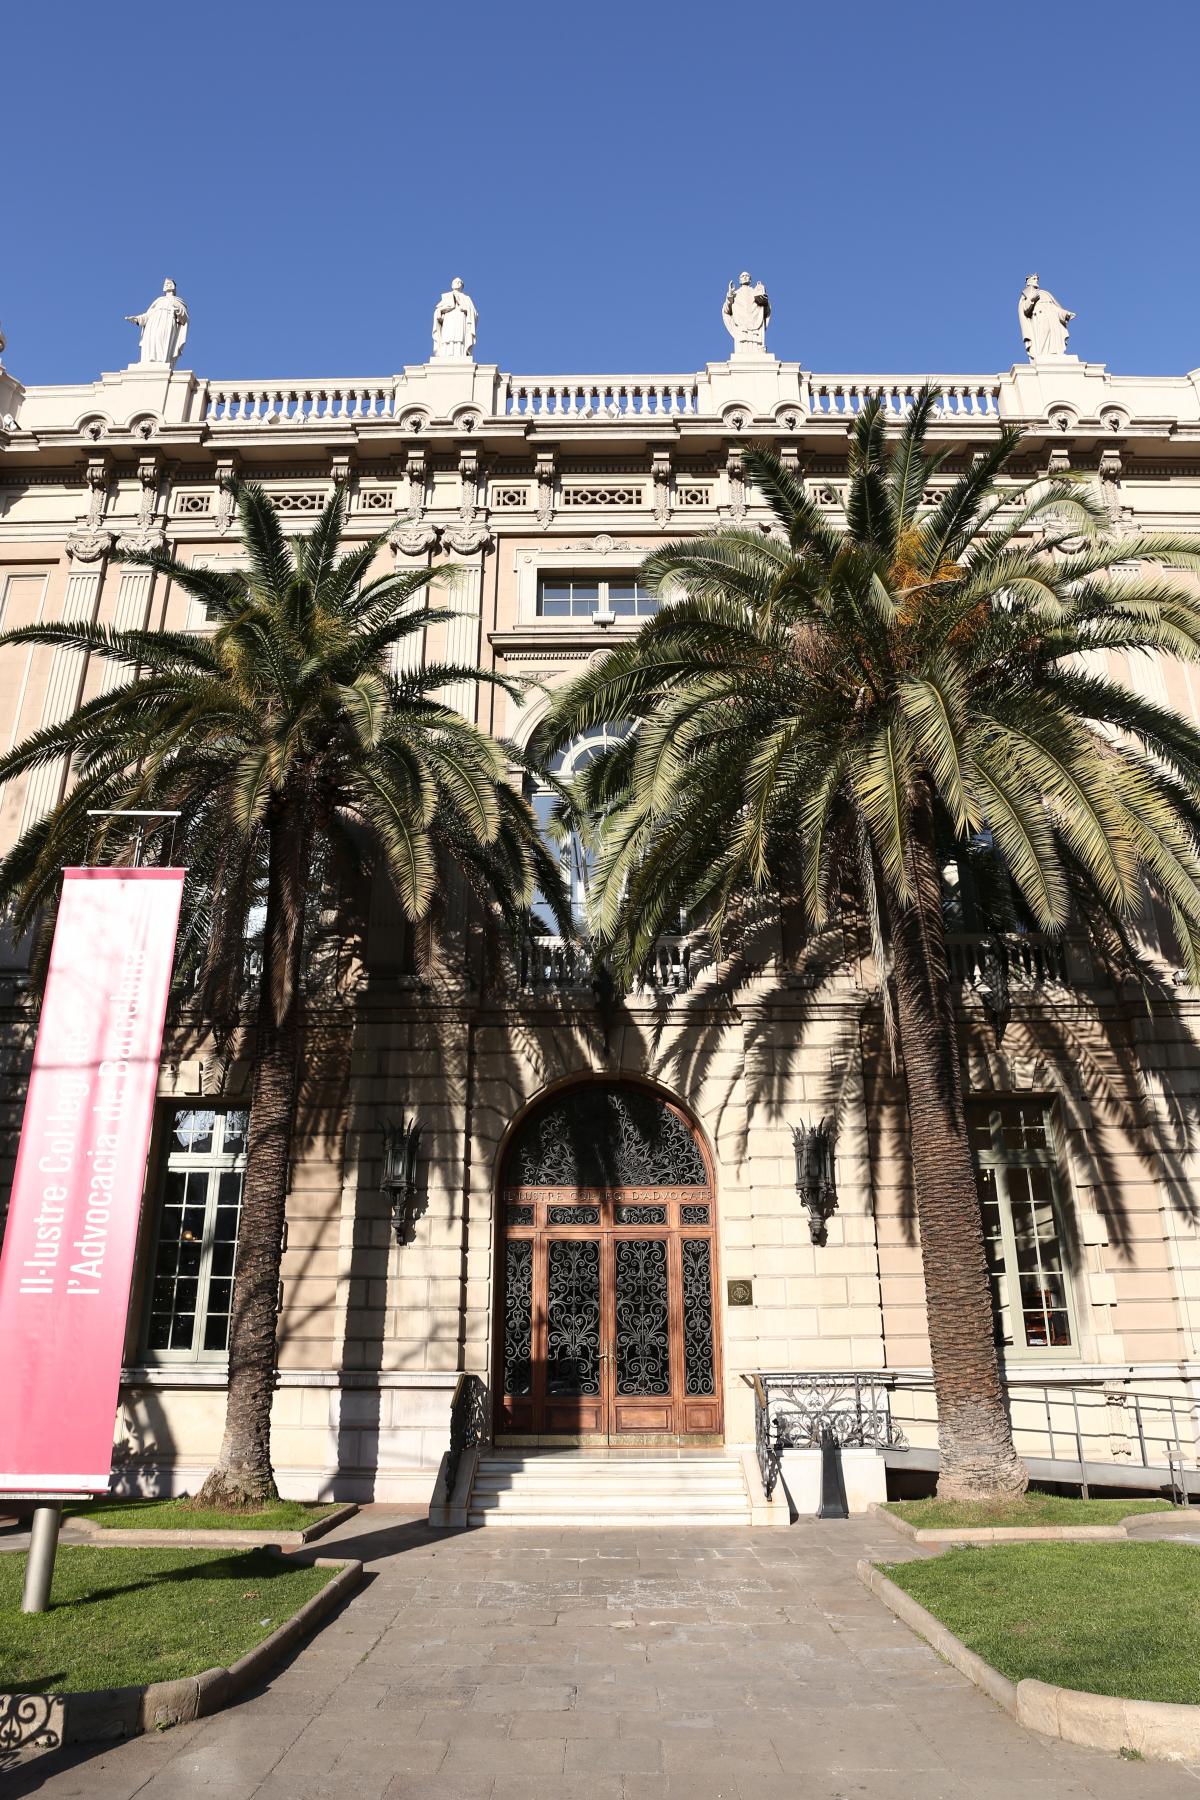 Palauet Casades Il Lustre Col Legi De L Advocacia Barcelona Film Commission